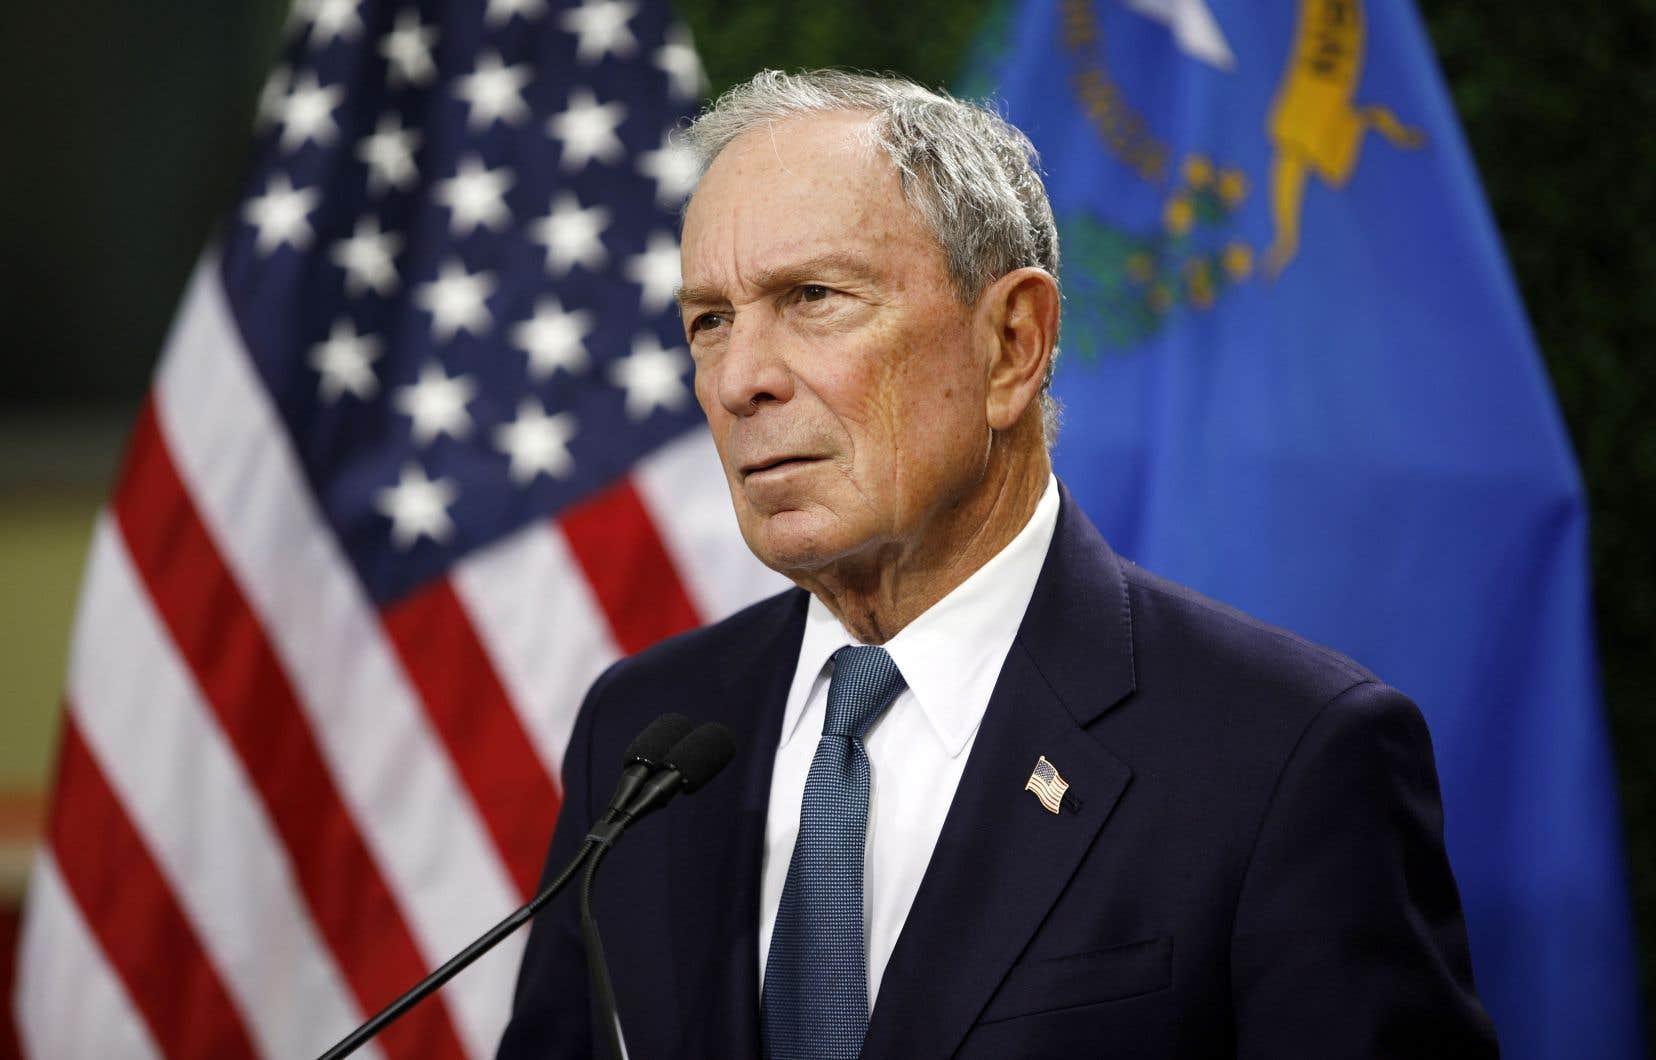 Michael Bloomberg (sur la photo), une figure centriste proche de Wall Street, n'a jamais caché ces derniers temps son opposition aux mesures prônées par MmeWarren et M.Sanders.